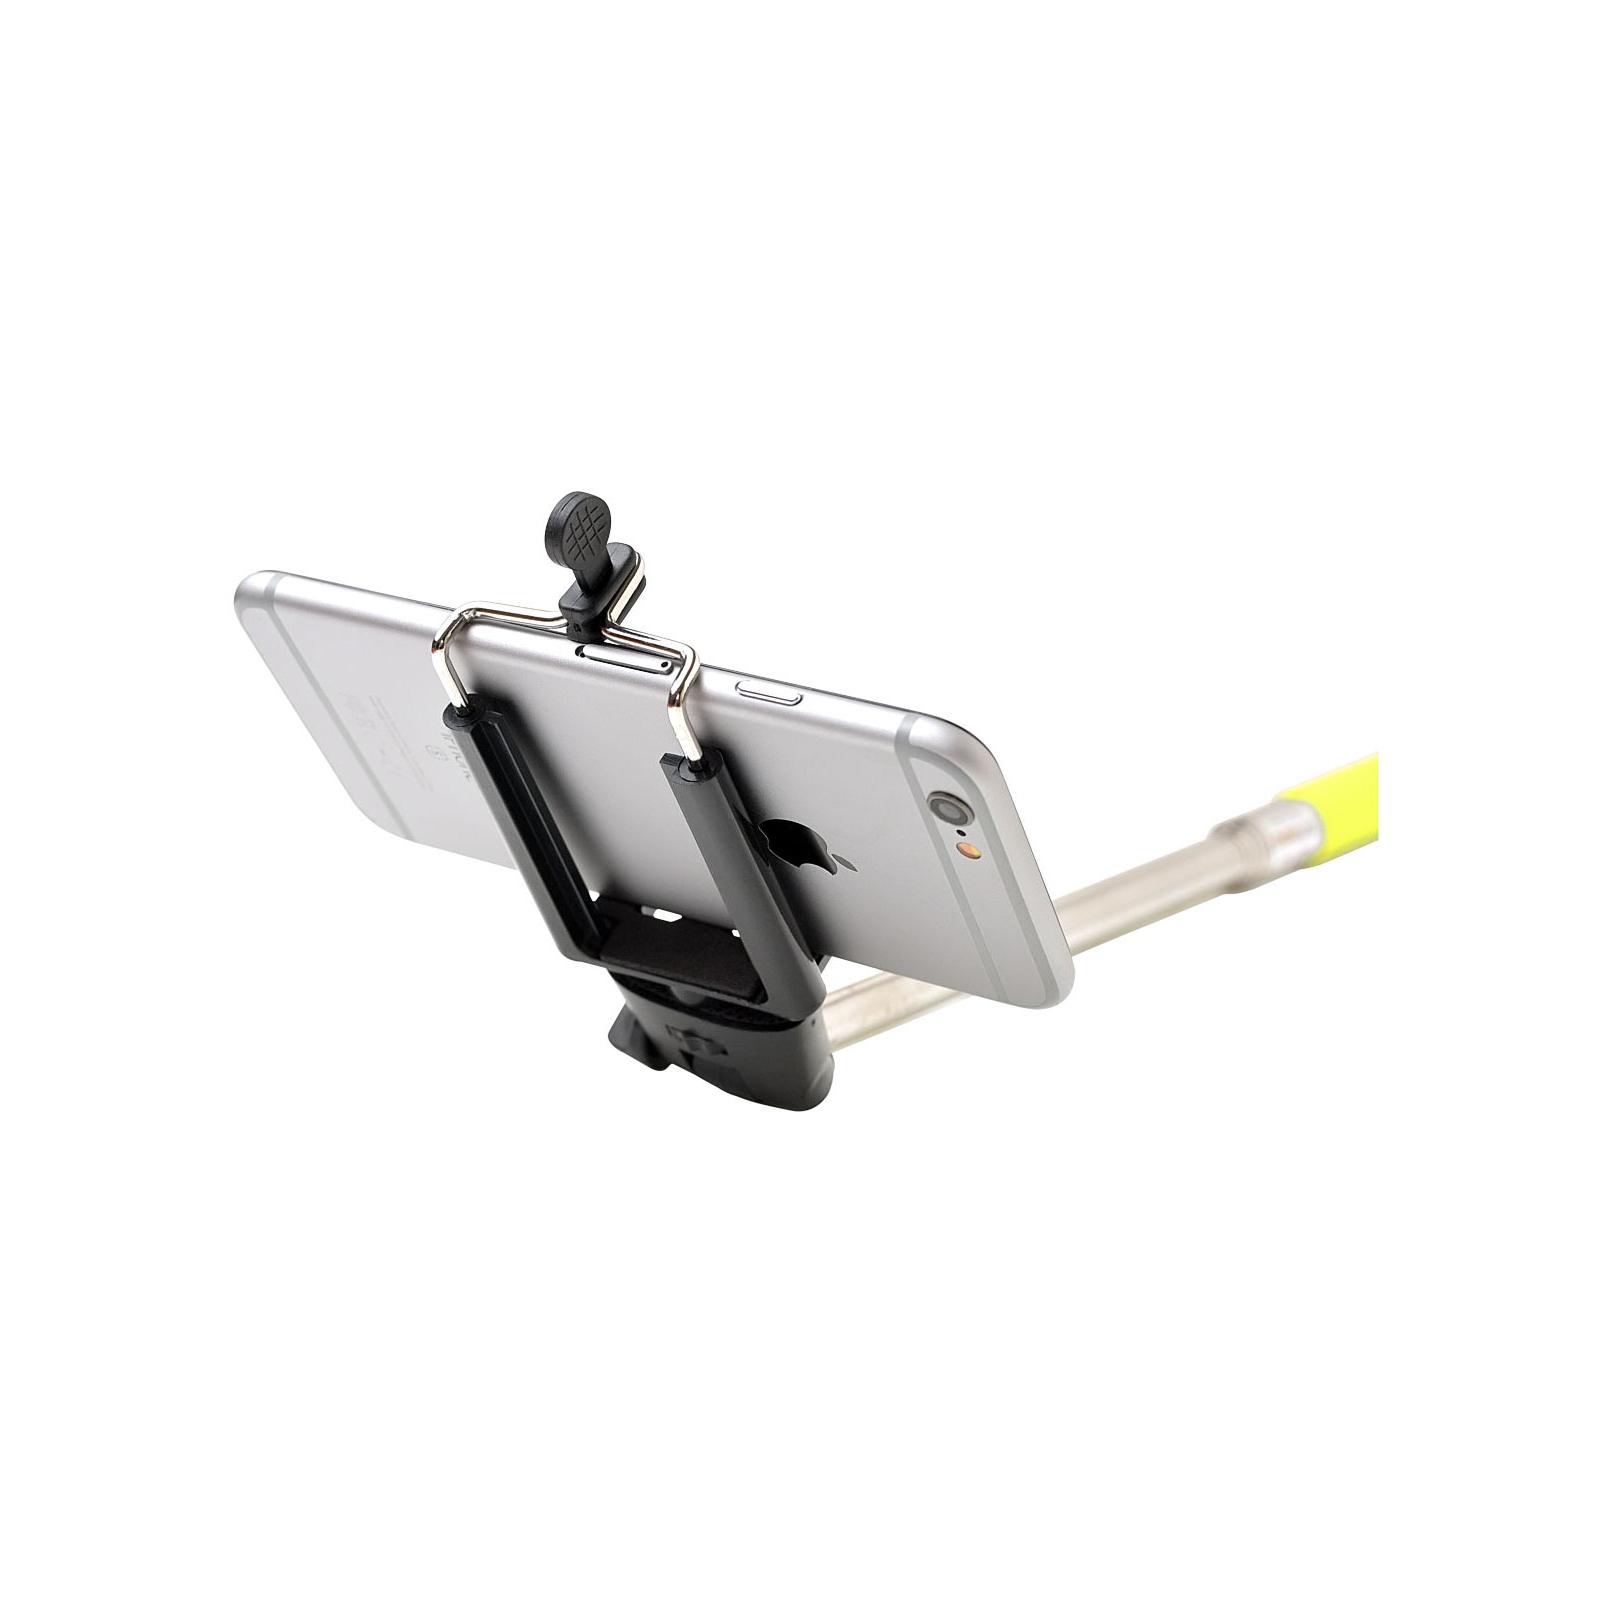 Монопод для селфи Grand-X Remote Bluetooth c пультом U-крепление (MPGRBUY) изображение 7